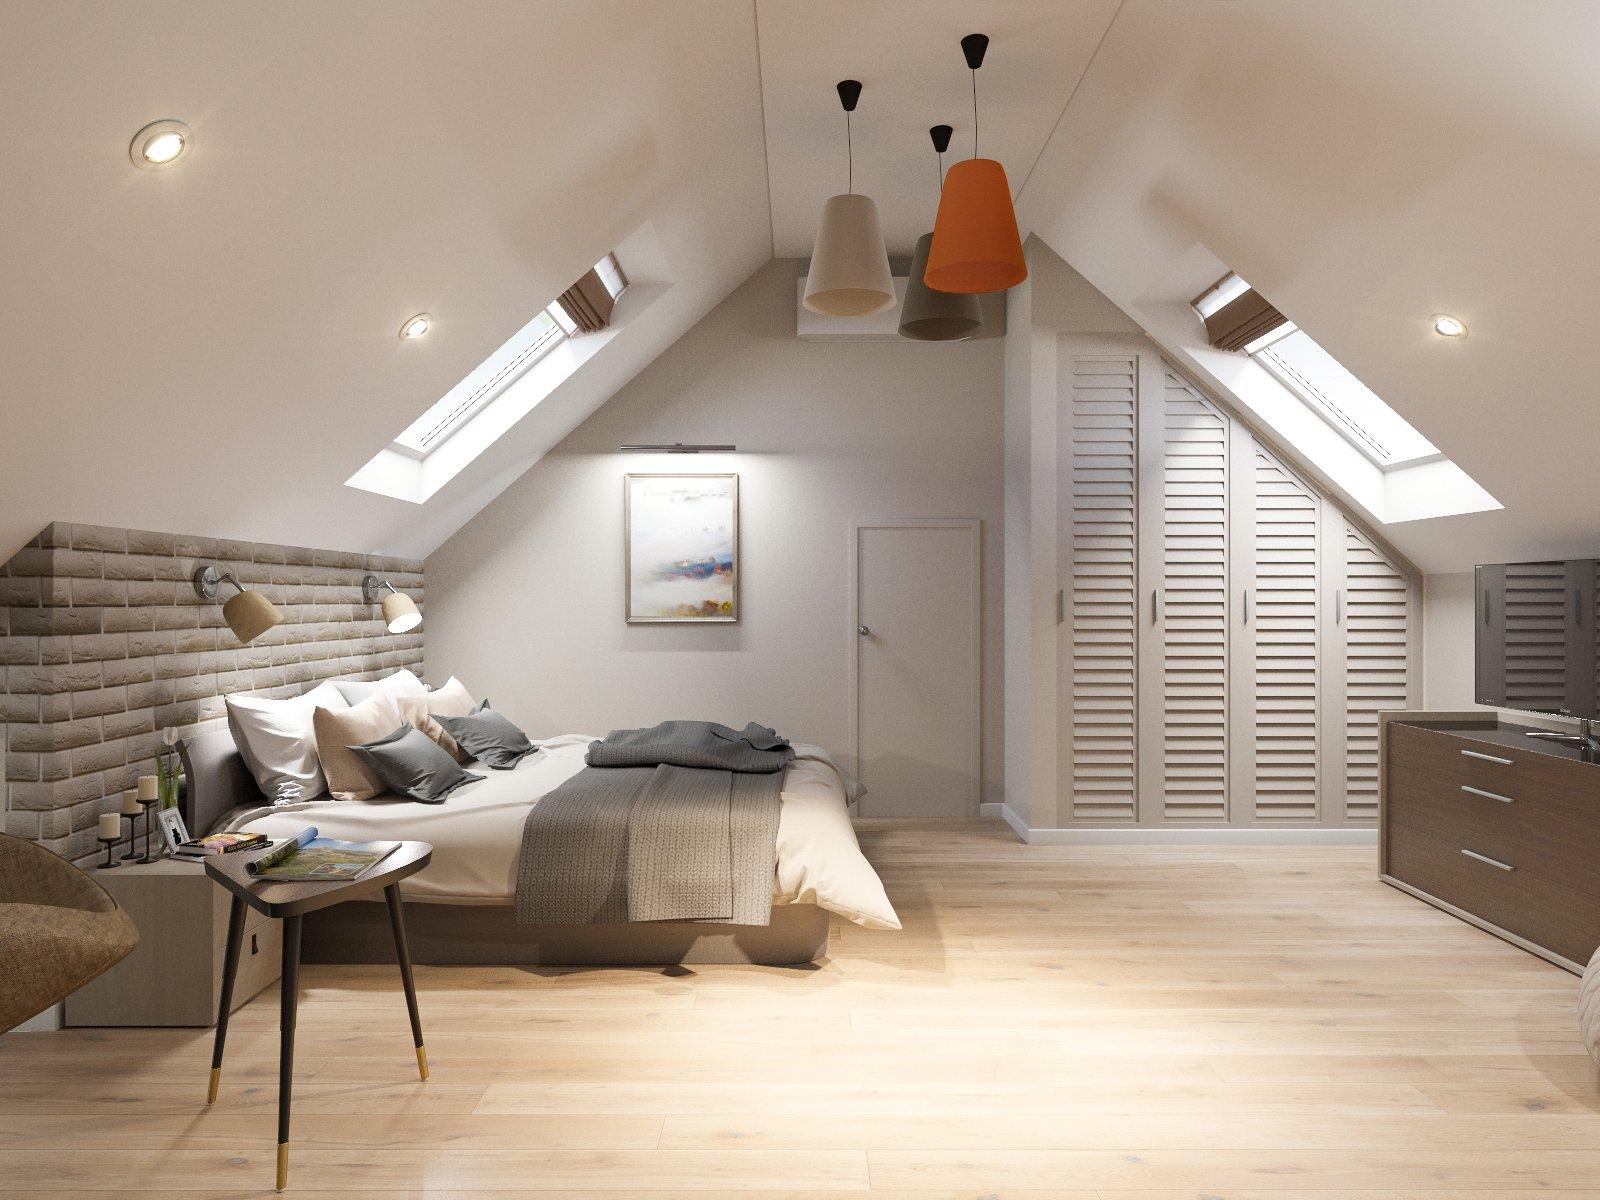 Варианты освещения в квартире без люстры